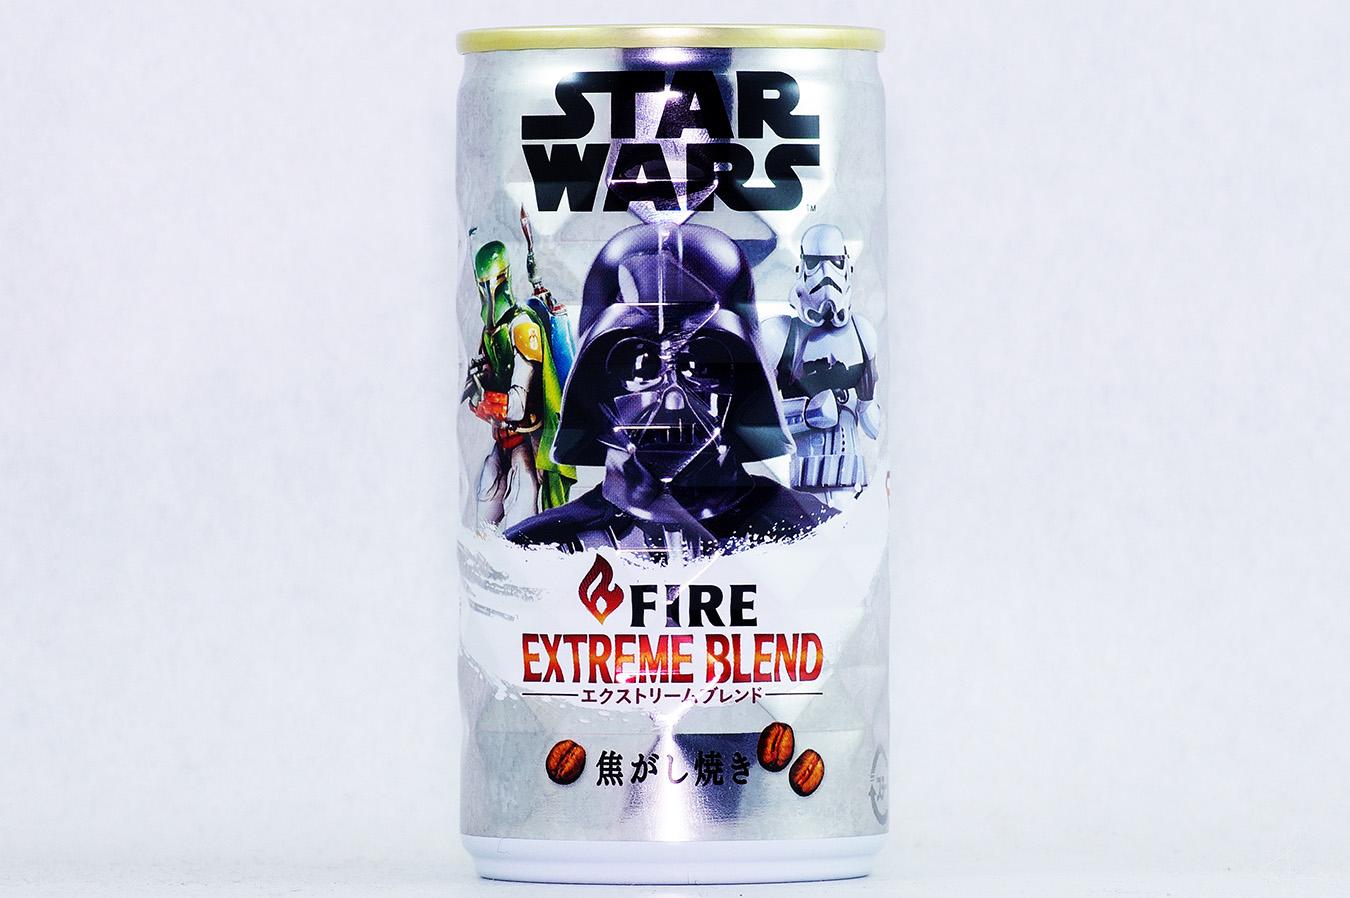 FIRE エクストリームブレンド スター・ウォーズデザイン缶 ダース・ベイダー